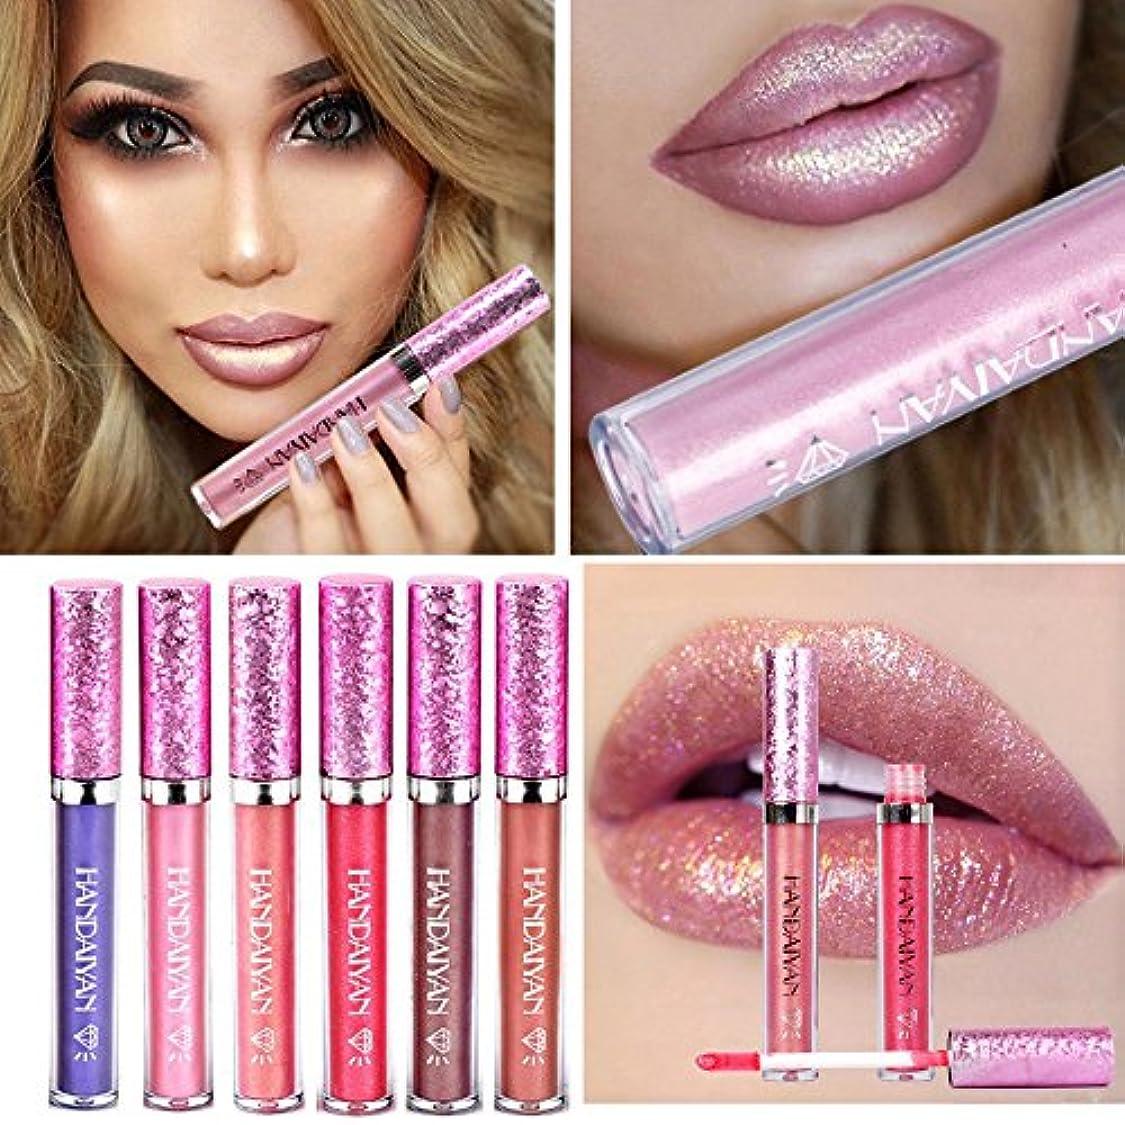 リンク速度曇ったHANDAIYAN Liquid Pearly Glitter Lipsticks Set - 6 pcs Long Lasting Nonstick Lip Gloss Mermaid Waterproof Lipstick Pen